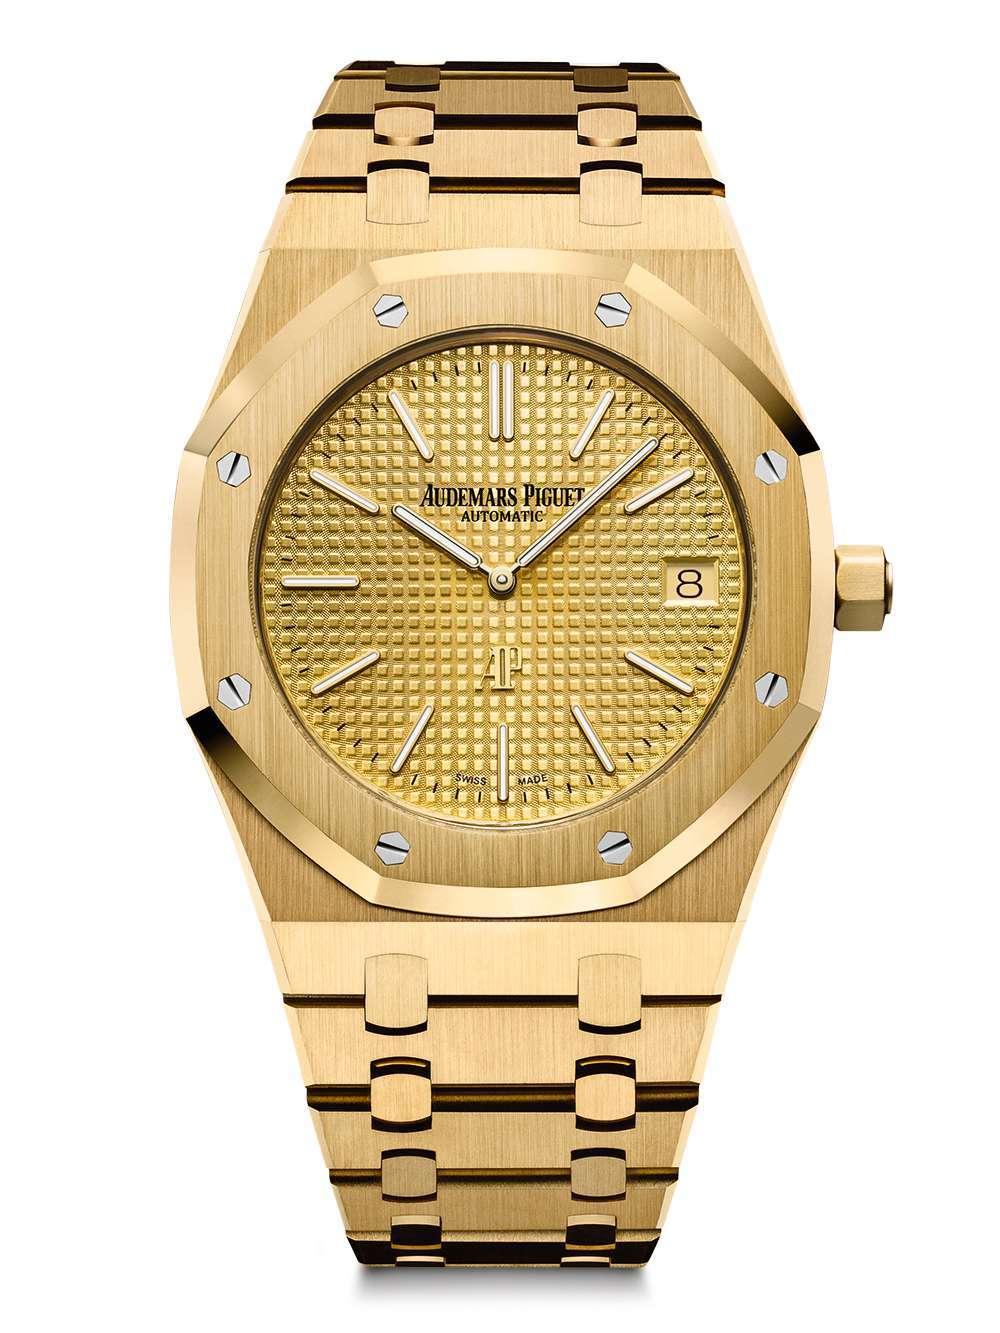 Audemars Piguet Royal Oak Extra-Thin gold dial